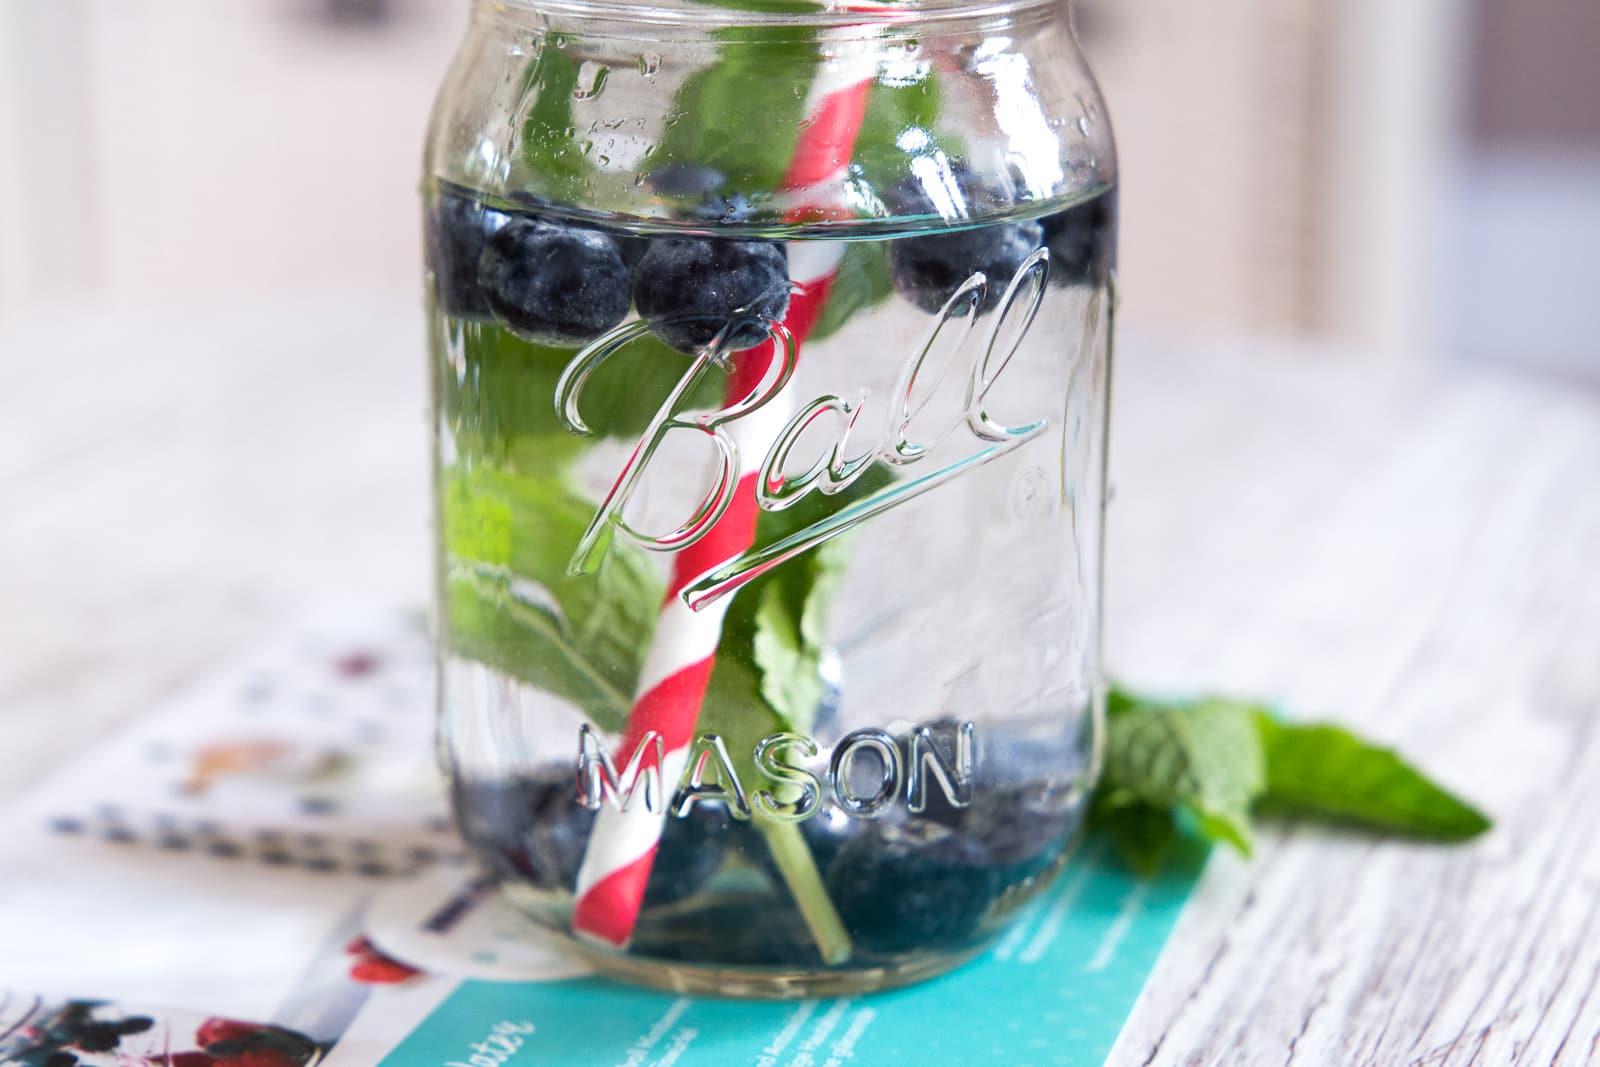 demakeup-detox-challenge-gesund-leben-genug-wasser-trinken-rezepte-fazit-fashion-blog-köln 10